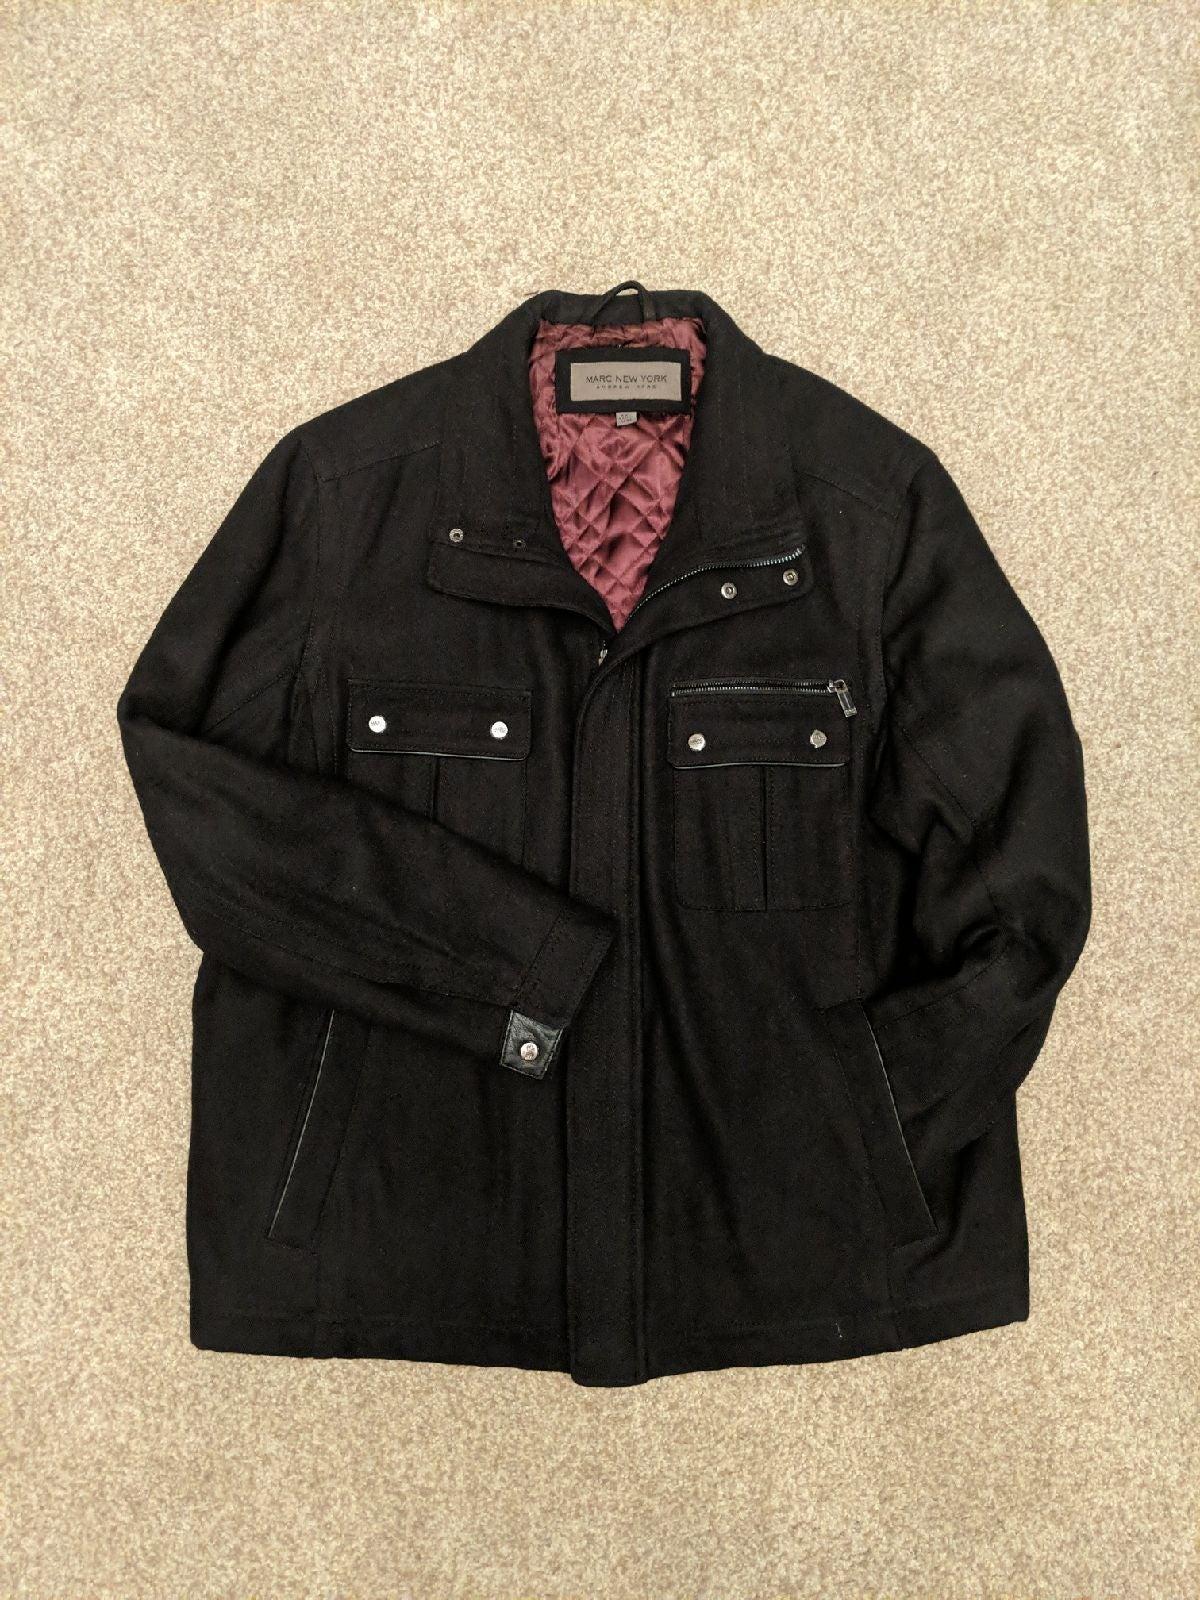 Men's Marc New York Jacket (XXL)